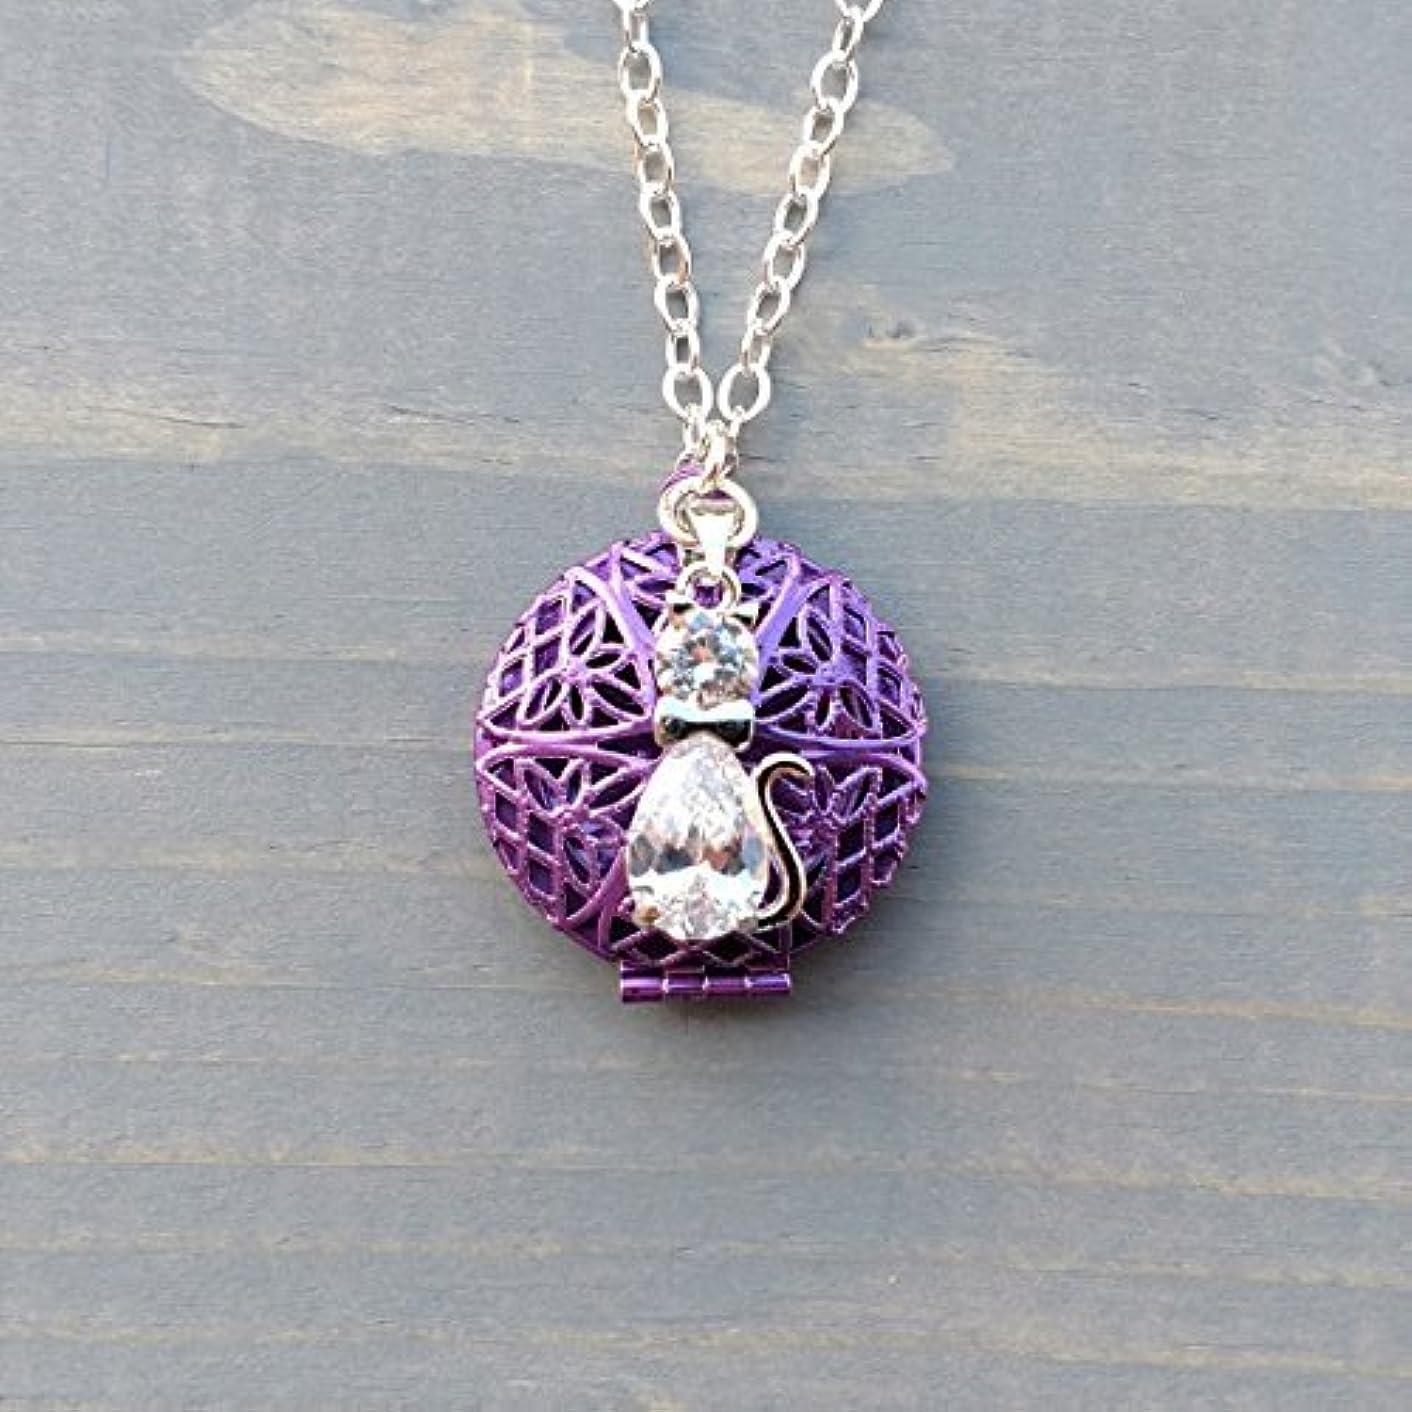 あまりにも後方にくPurple Tuxedo Cat Girl's Aromatherapy Necklace Essential Oil Diffuser Locket Pendant Jewelry for Children w/reusable...